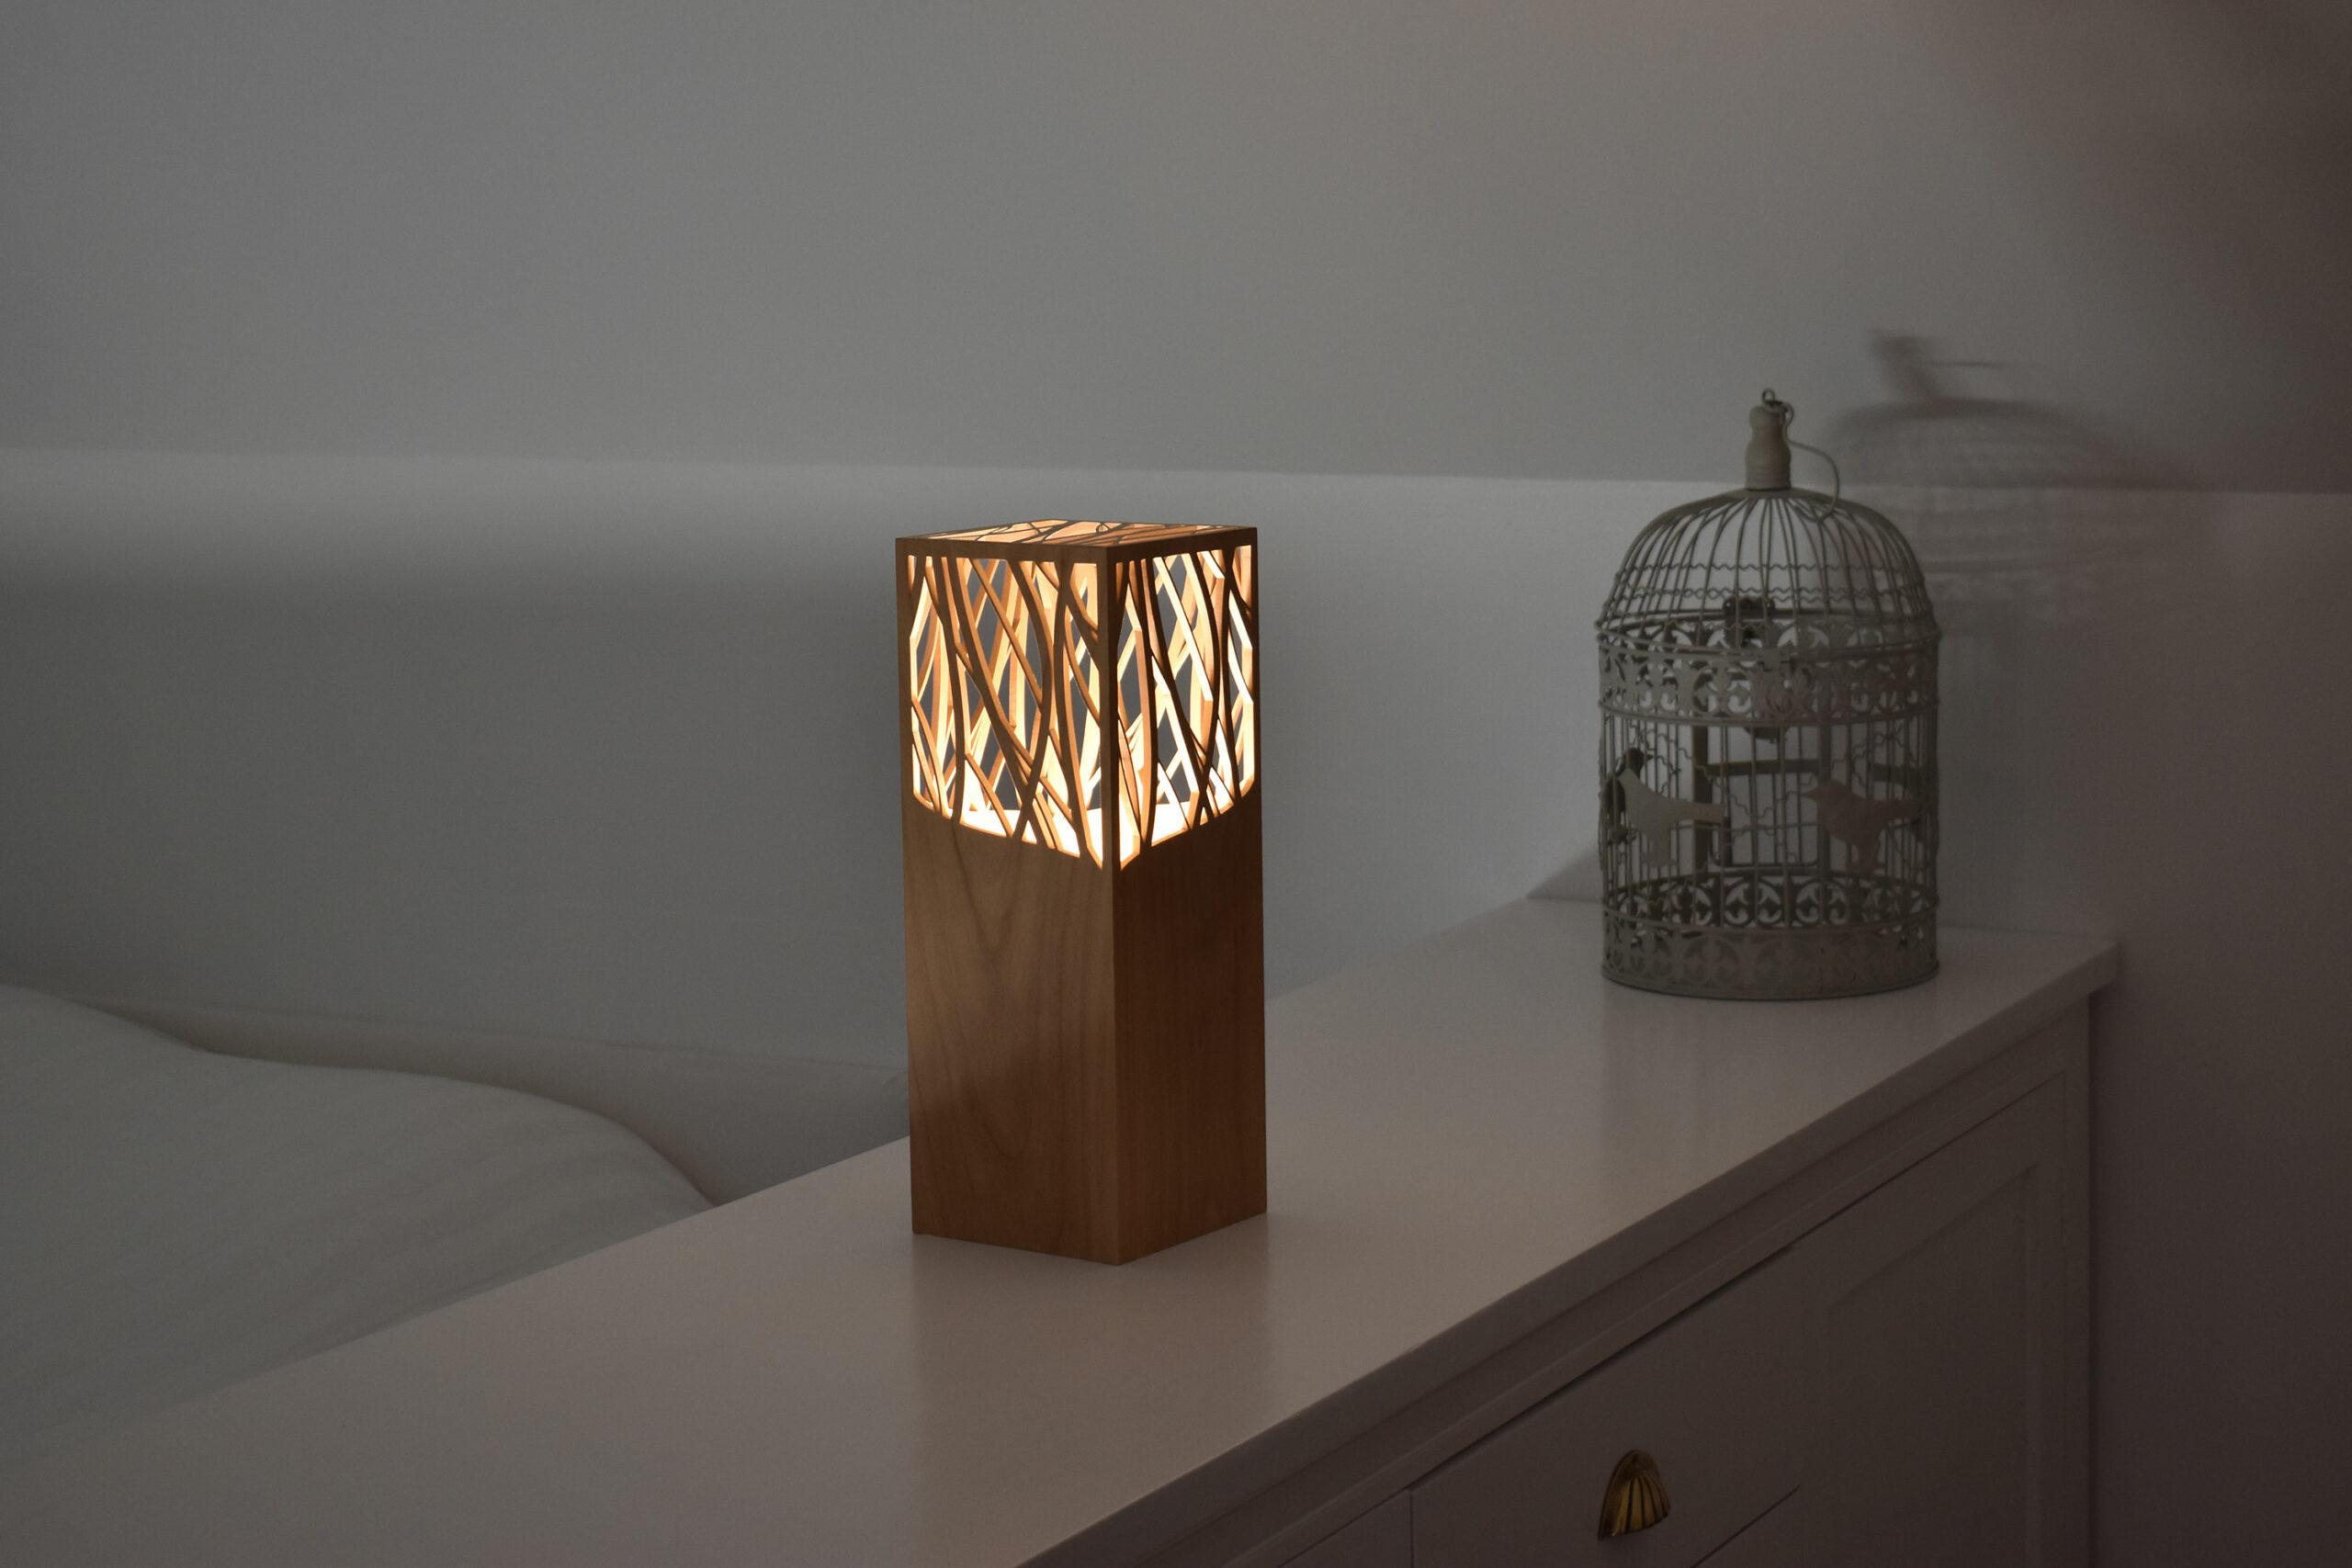 Lampe à poser design en bois de merisier - Fab-Fabrik